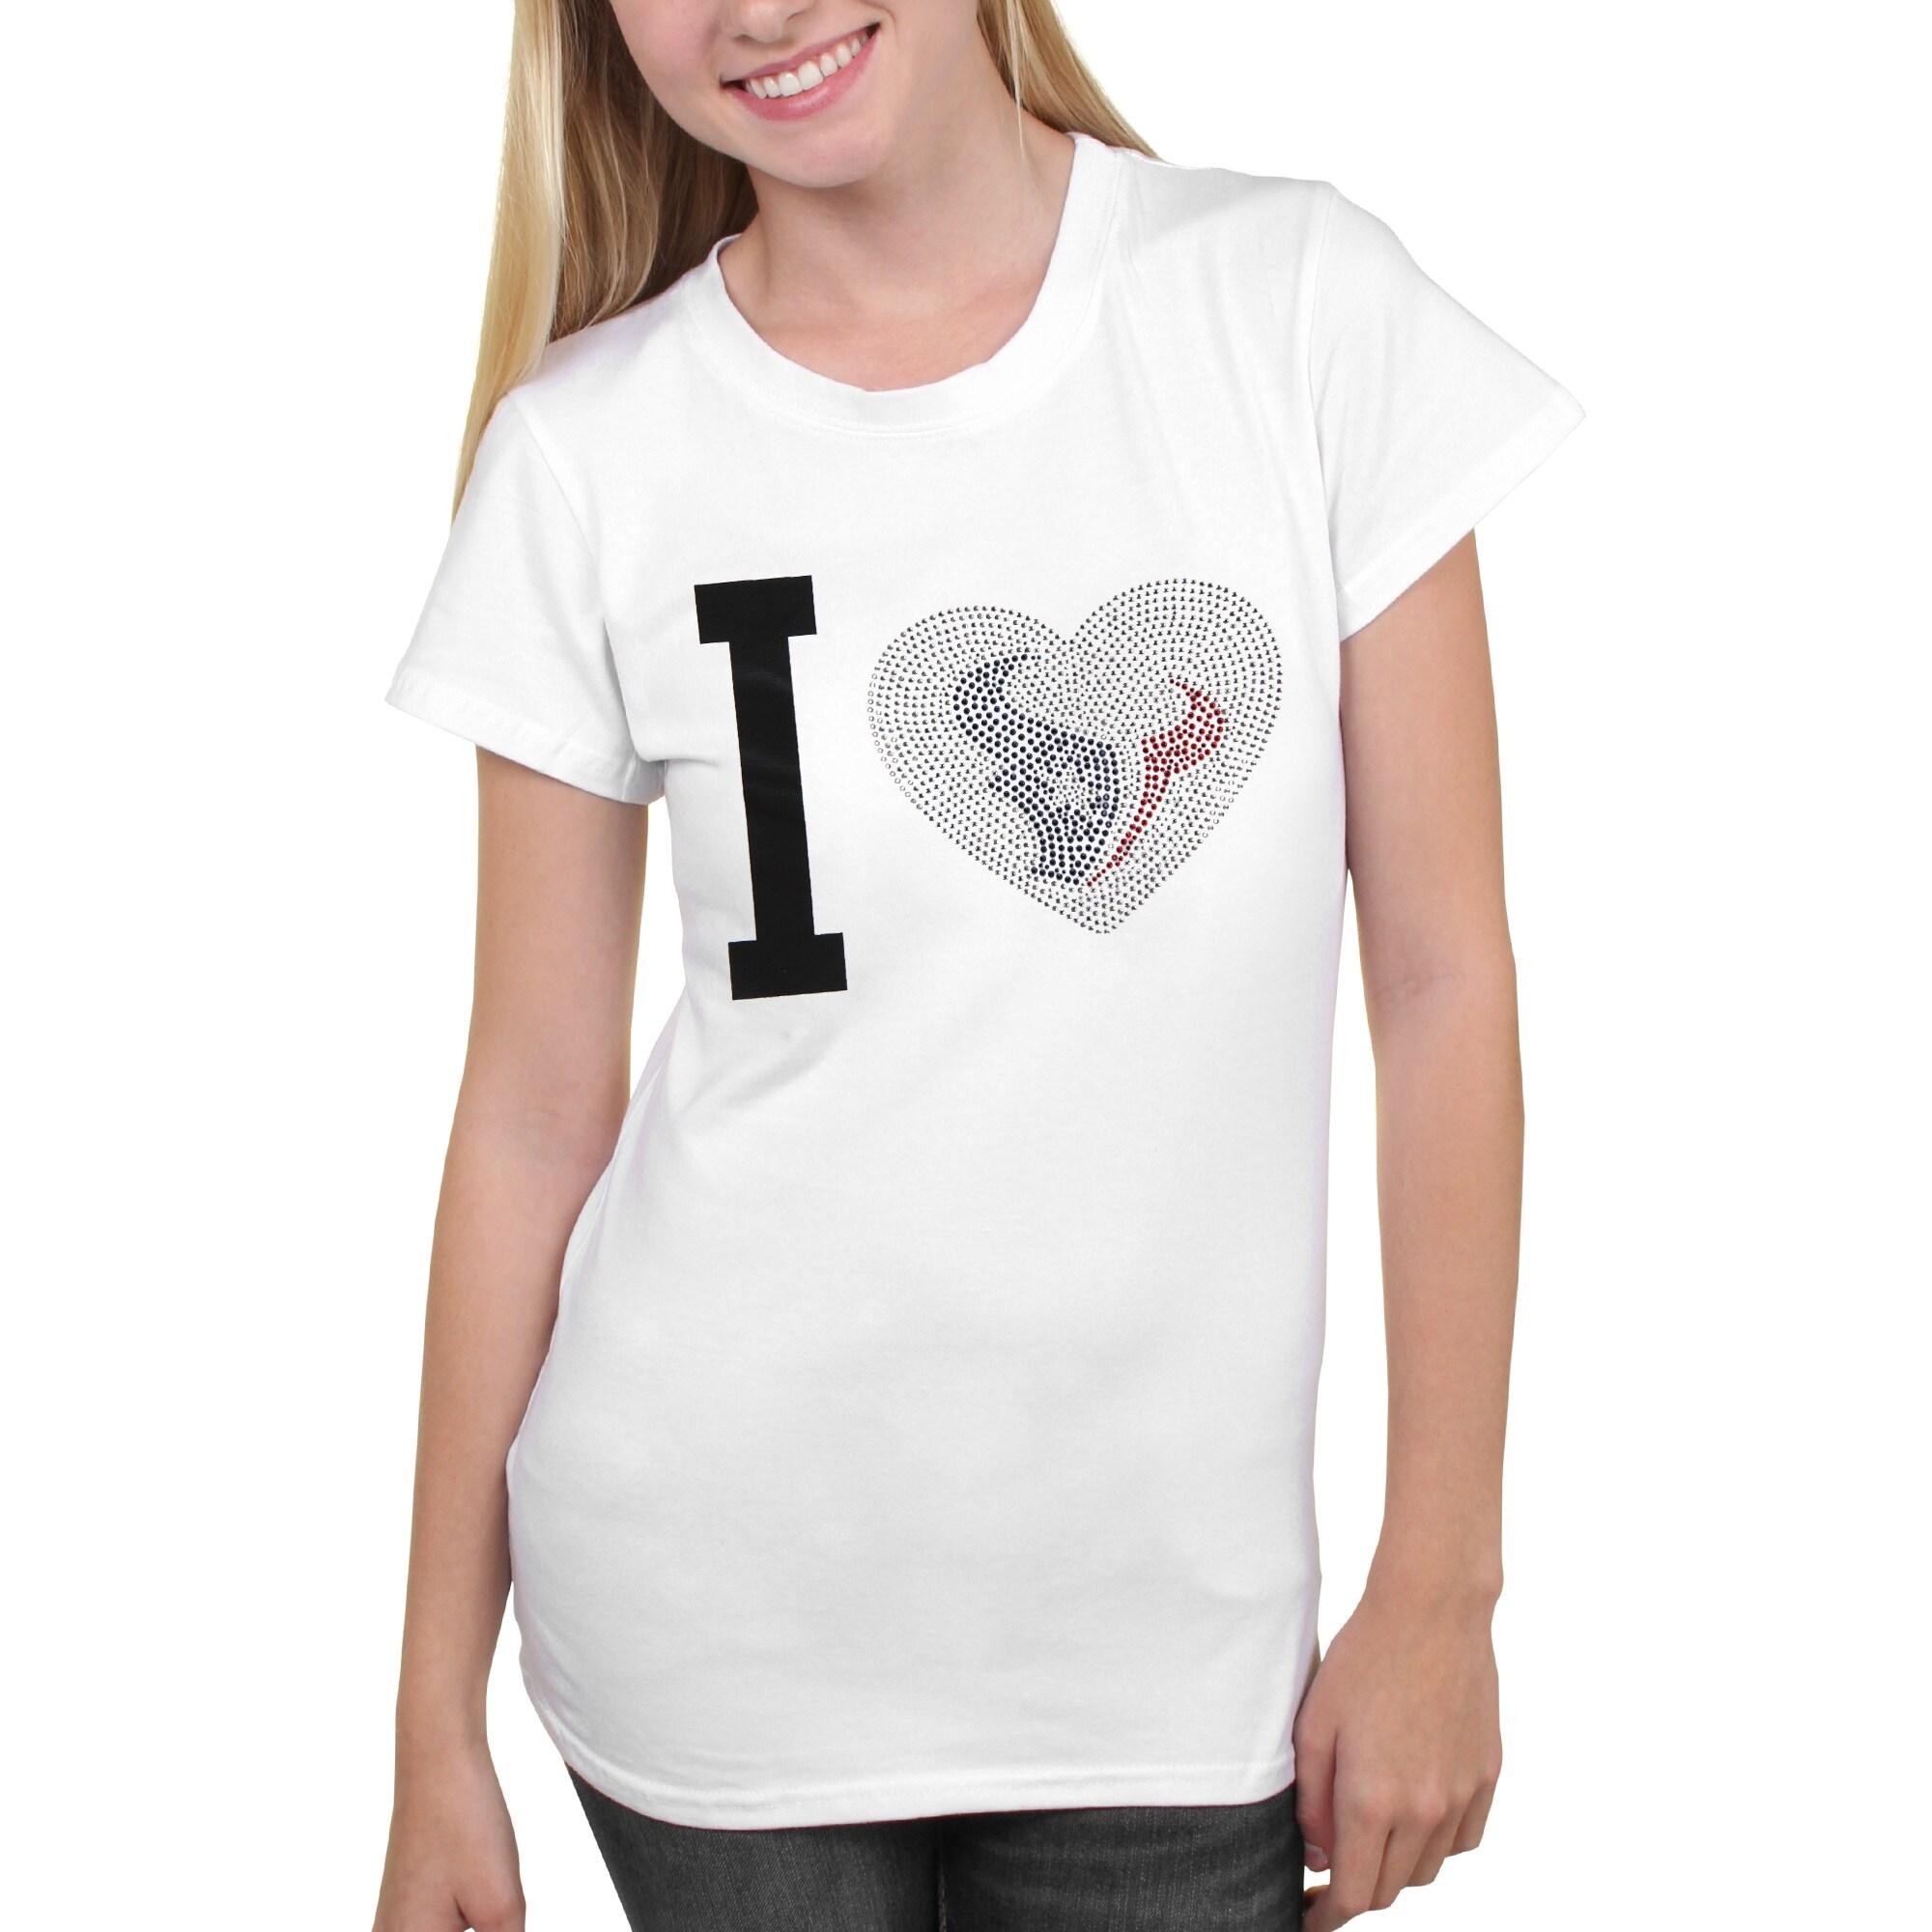 Houston Texans Women's Touchback T-Shirt - White